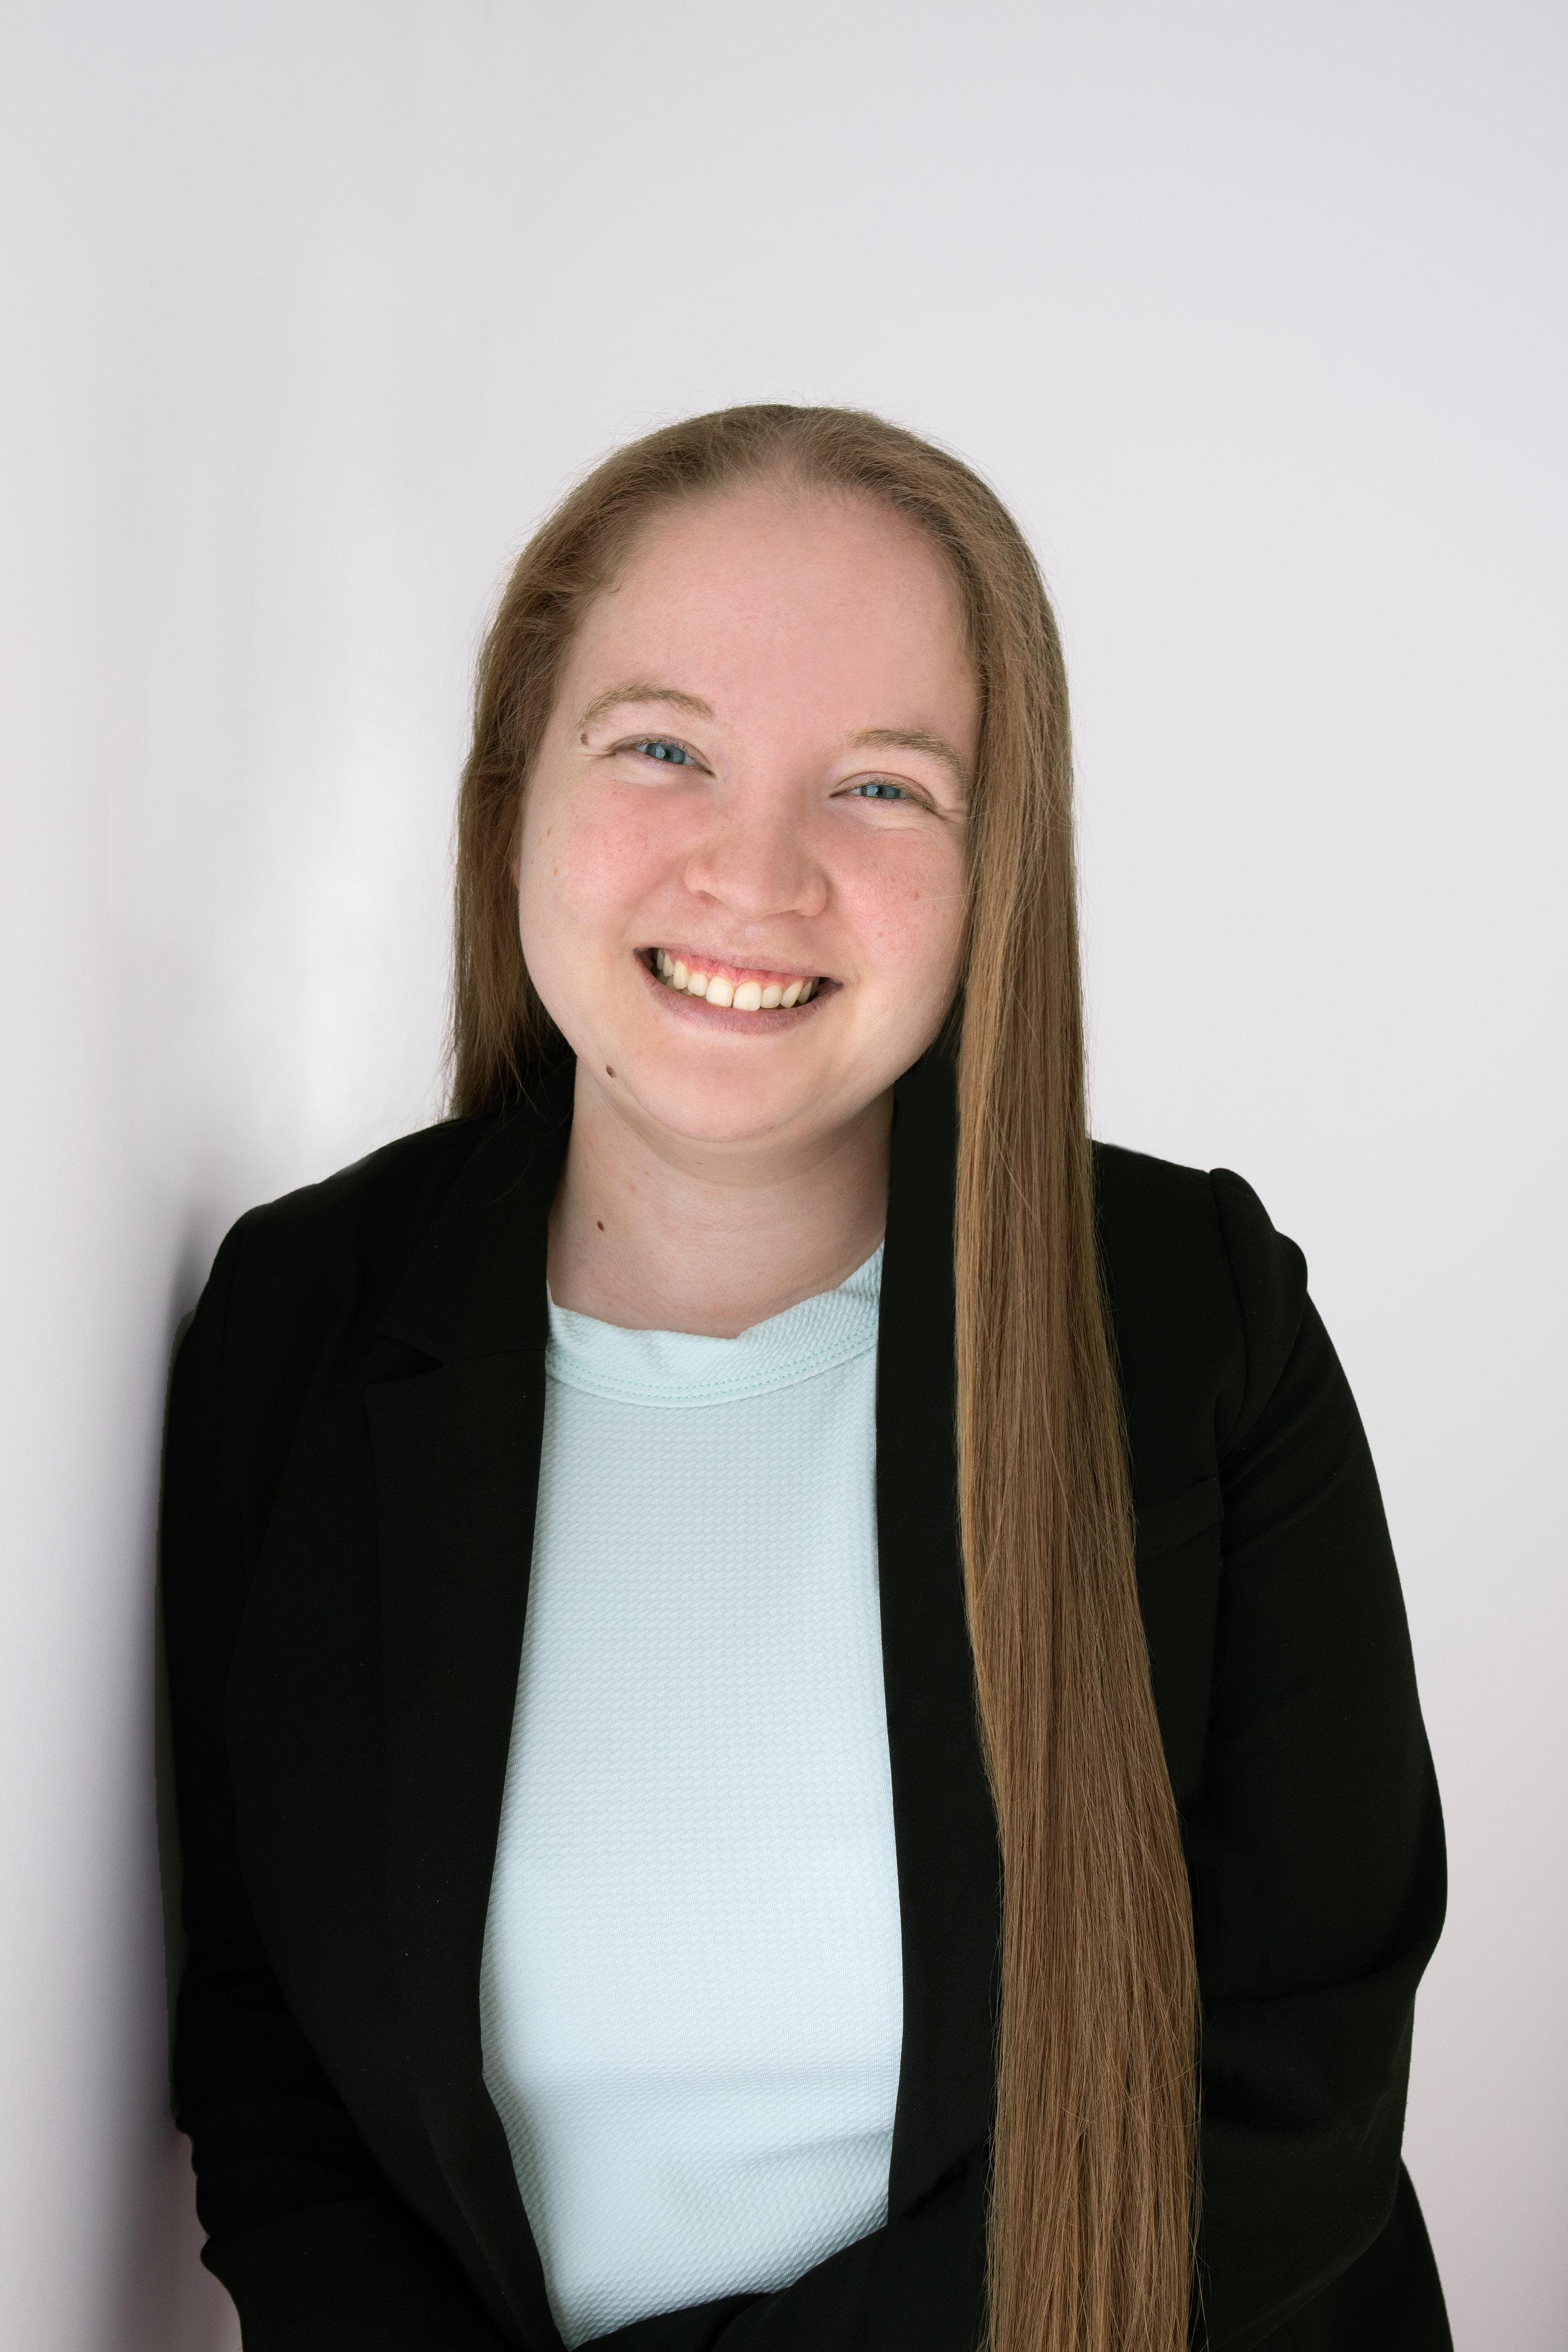 Caitlyn O'neil